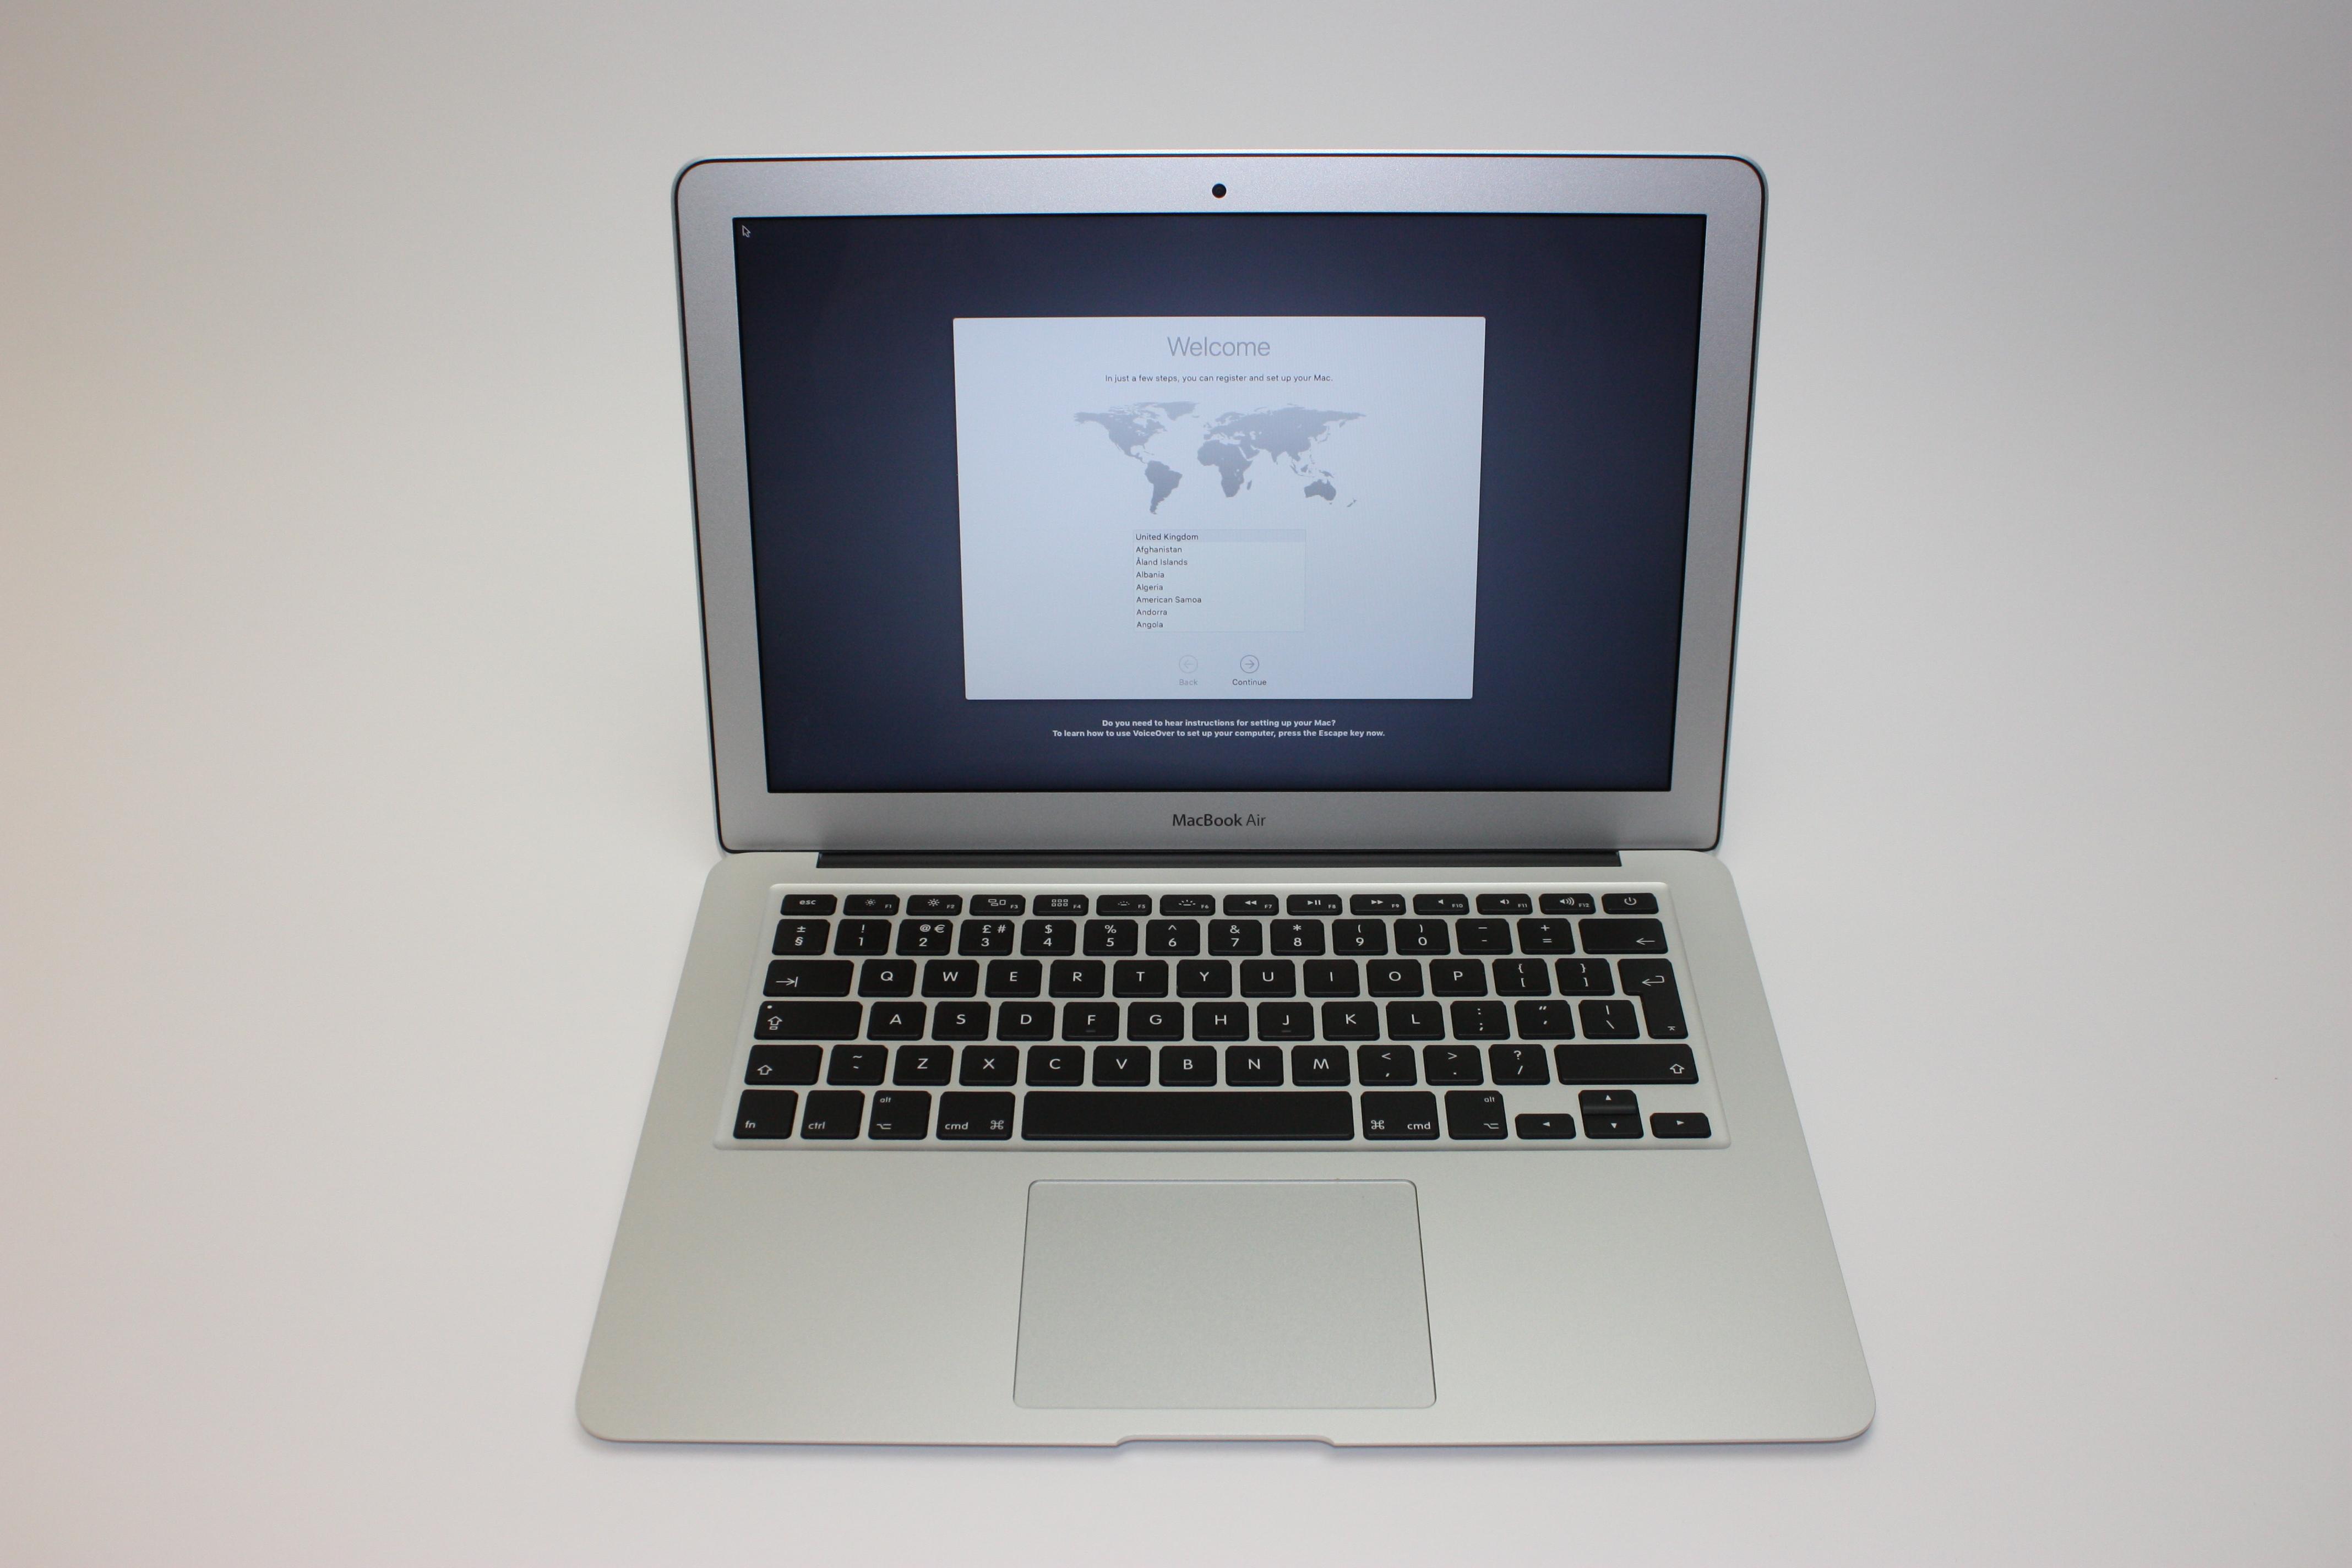 MacBook Air 13-inch, 1.6 GHz Core i5 (I5-5250U), 8 GB 1600 MHz DDR3, 128 GB Flash Storage, image 1